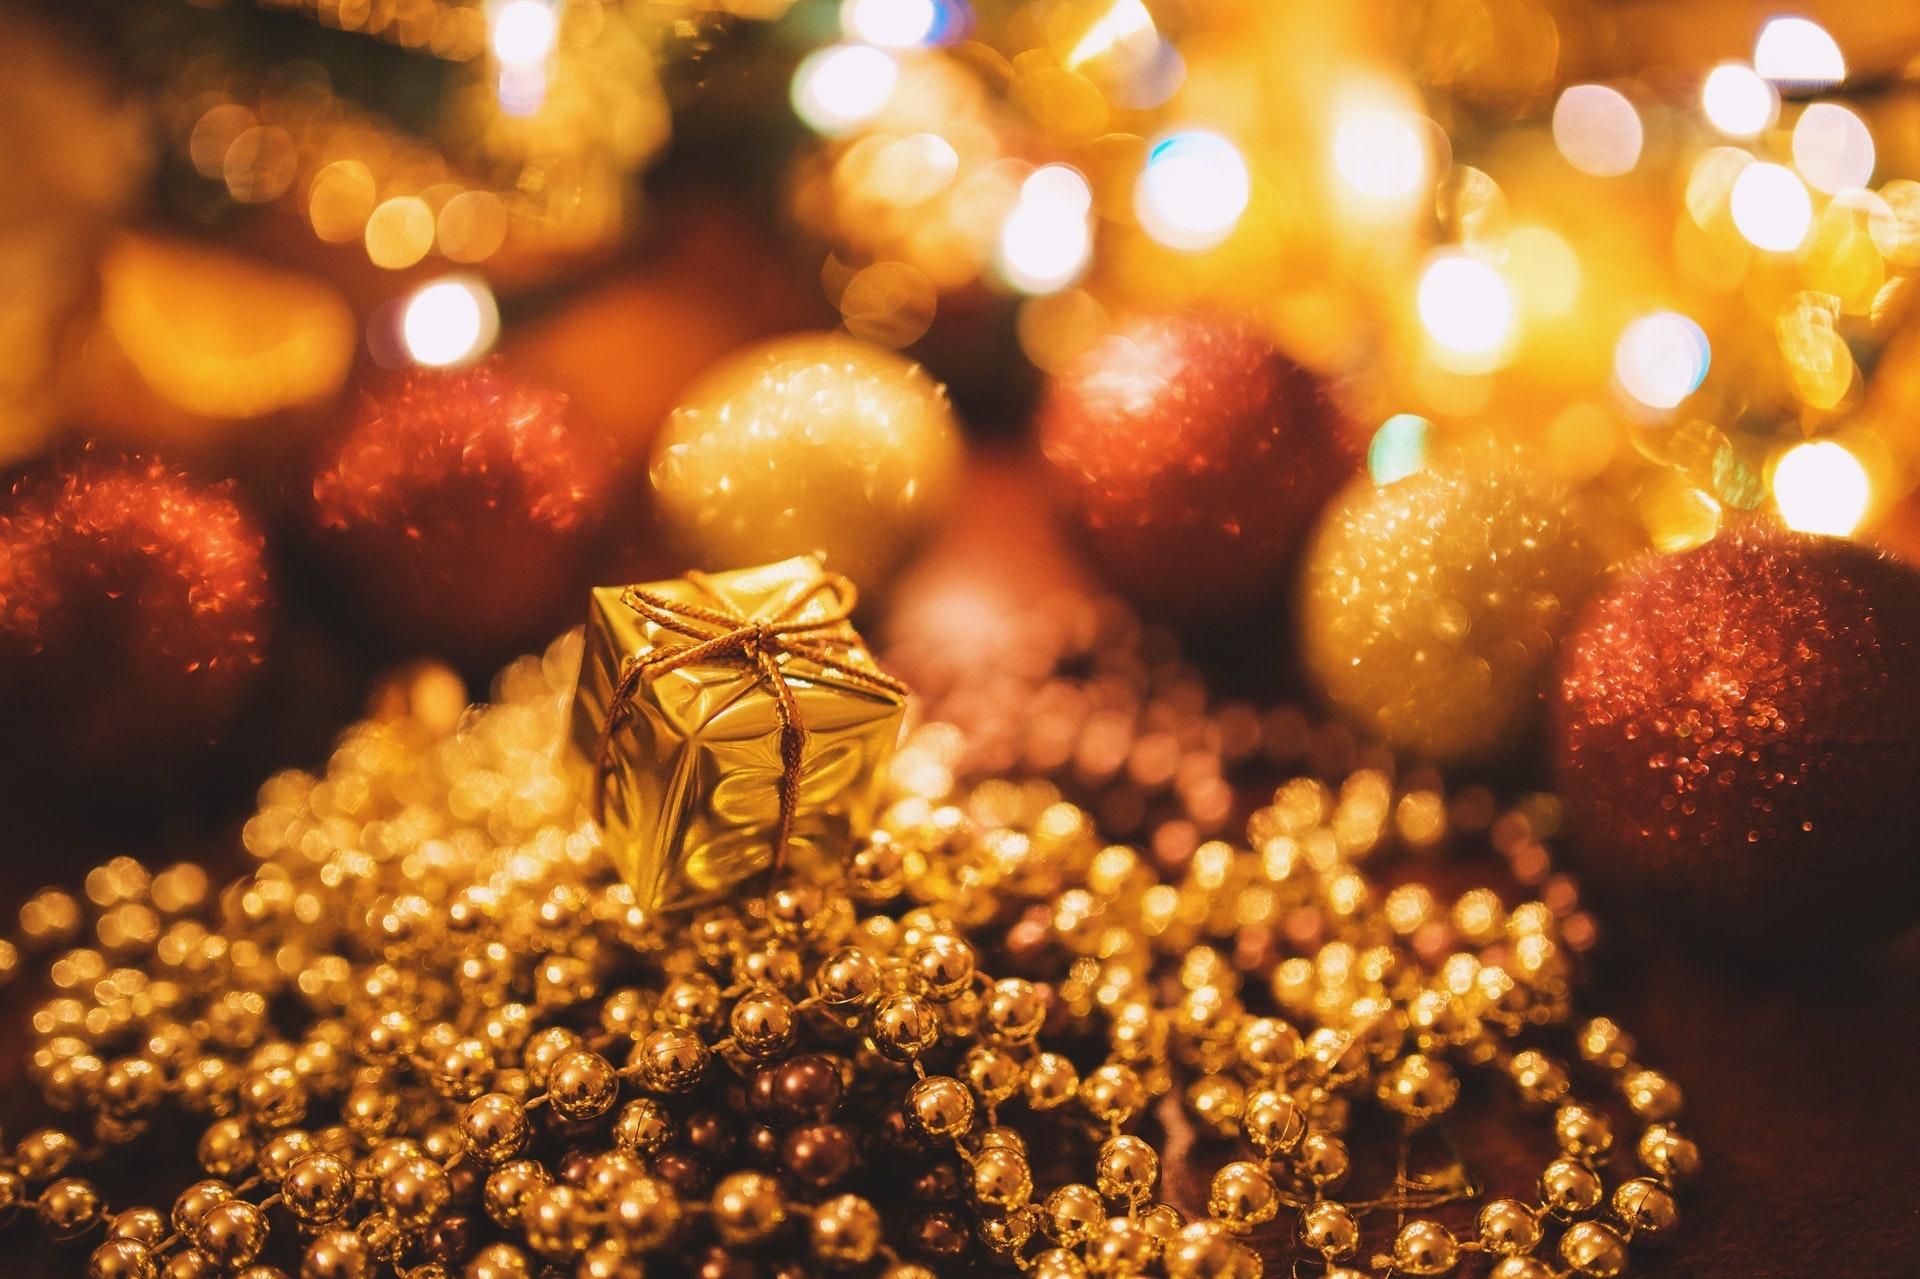 Goldglänzend wie die Weihnachtszeit